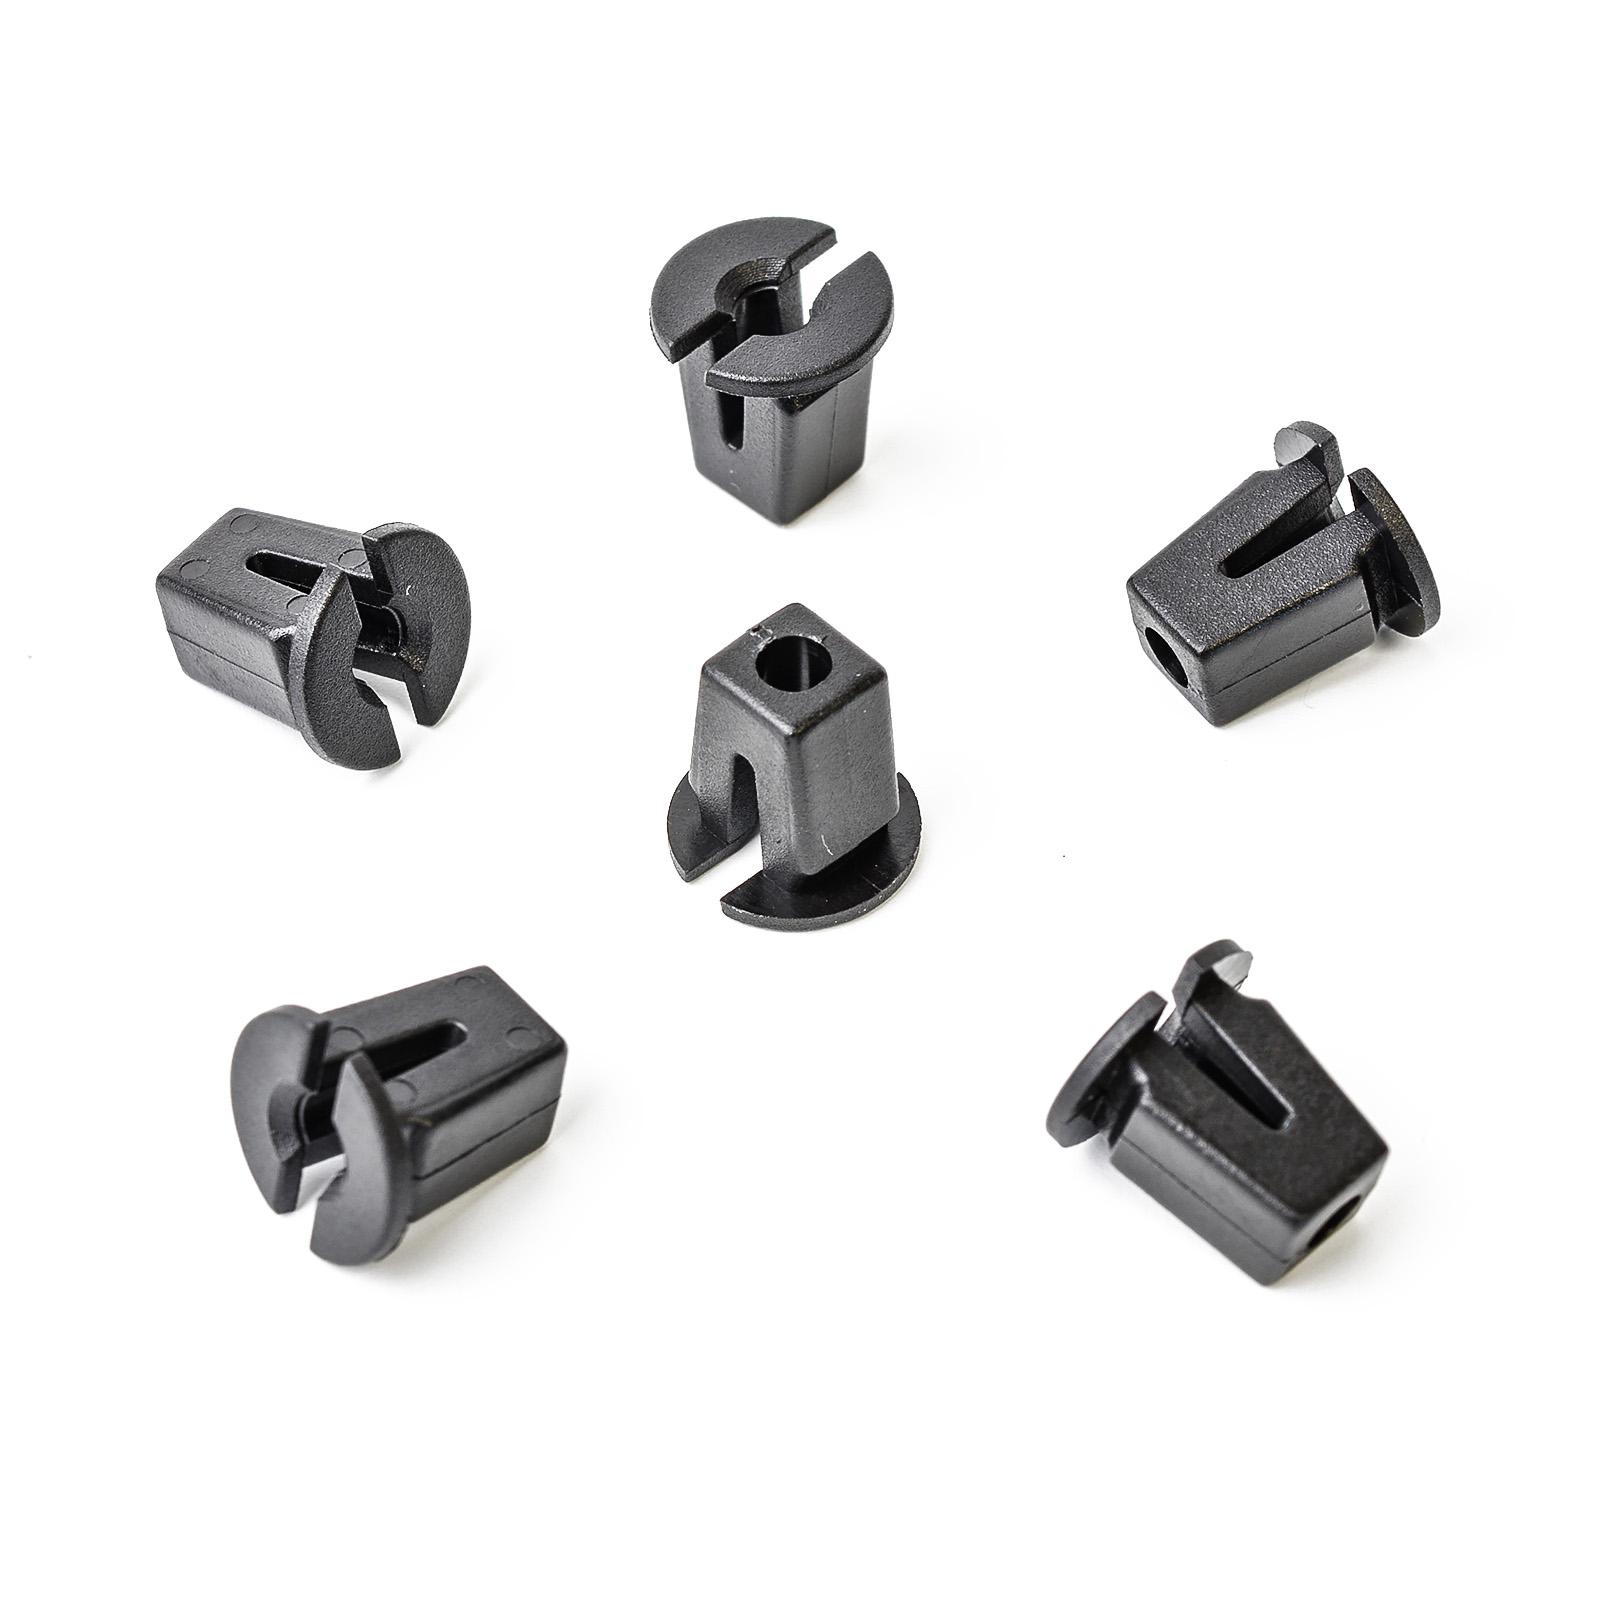 10x blanche SPREIZMUTTER Universel Clips pour VW Carrosserie1658275925